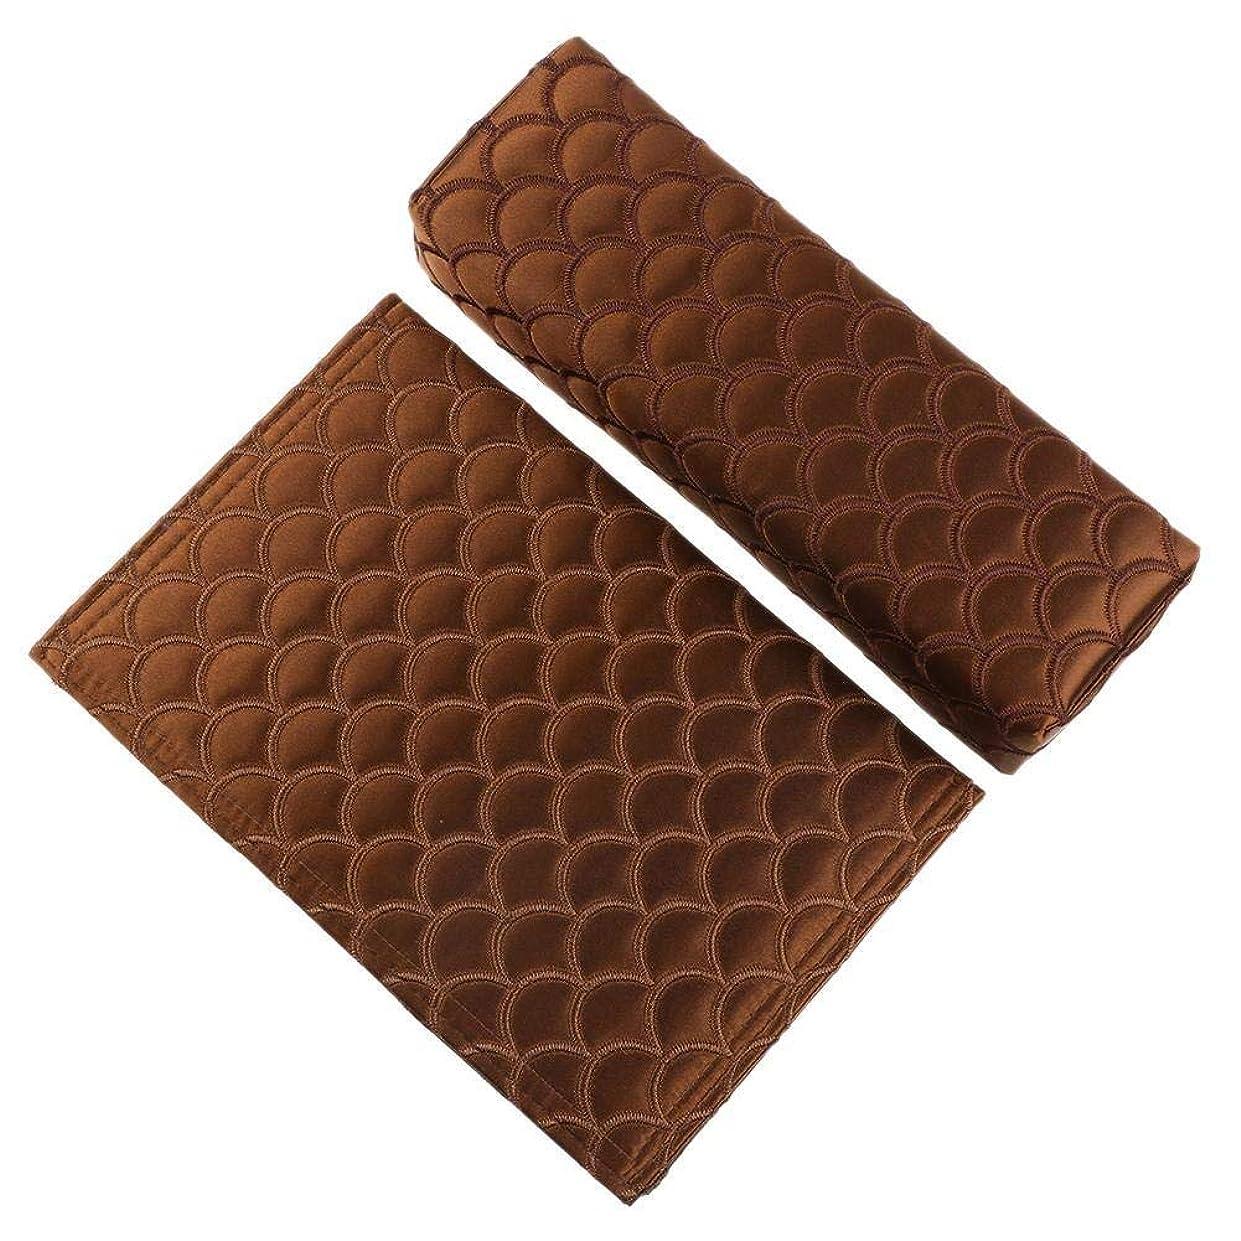 呪い真夜中によって6色2個折り畳み式の絶妙なソフトシルクネイルアートハンドピロー-アームレストマニキュアサロン用の高温耐性高品質ハンドクッション(06)